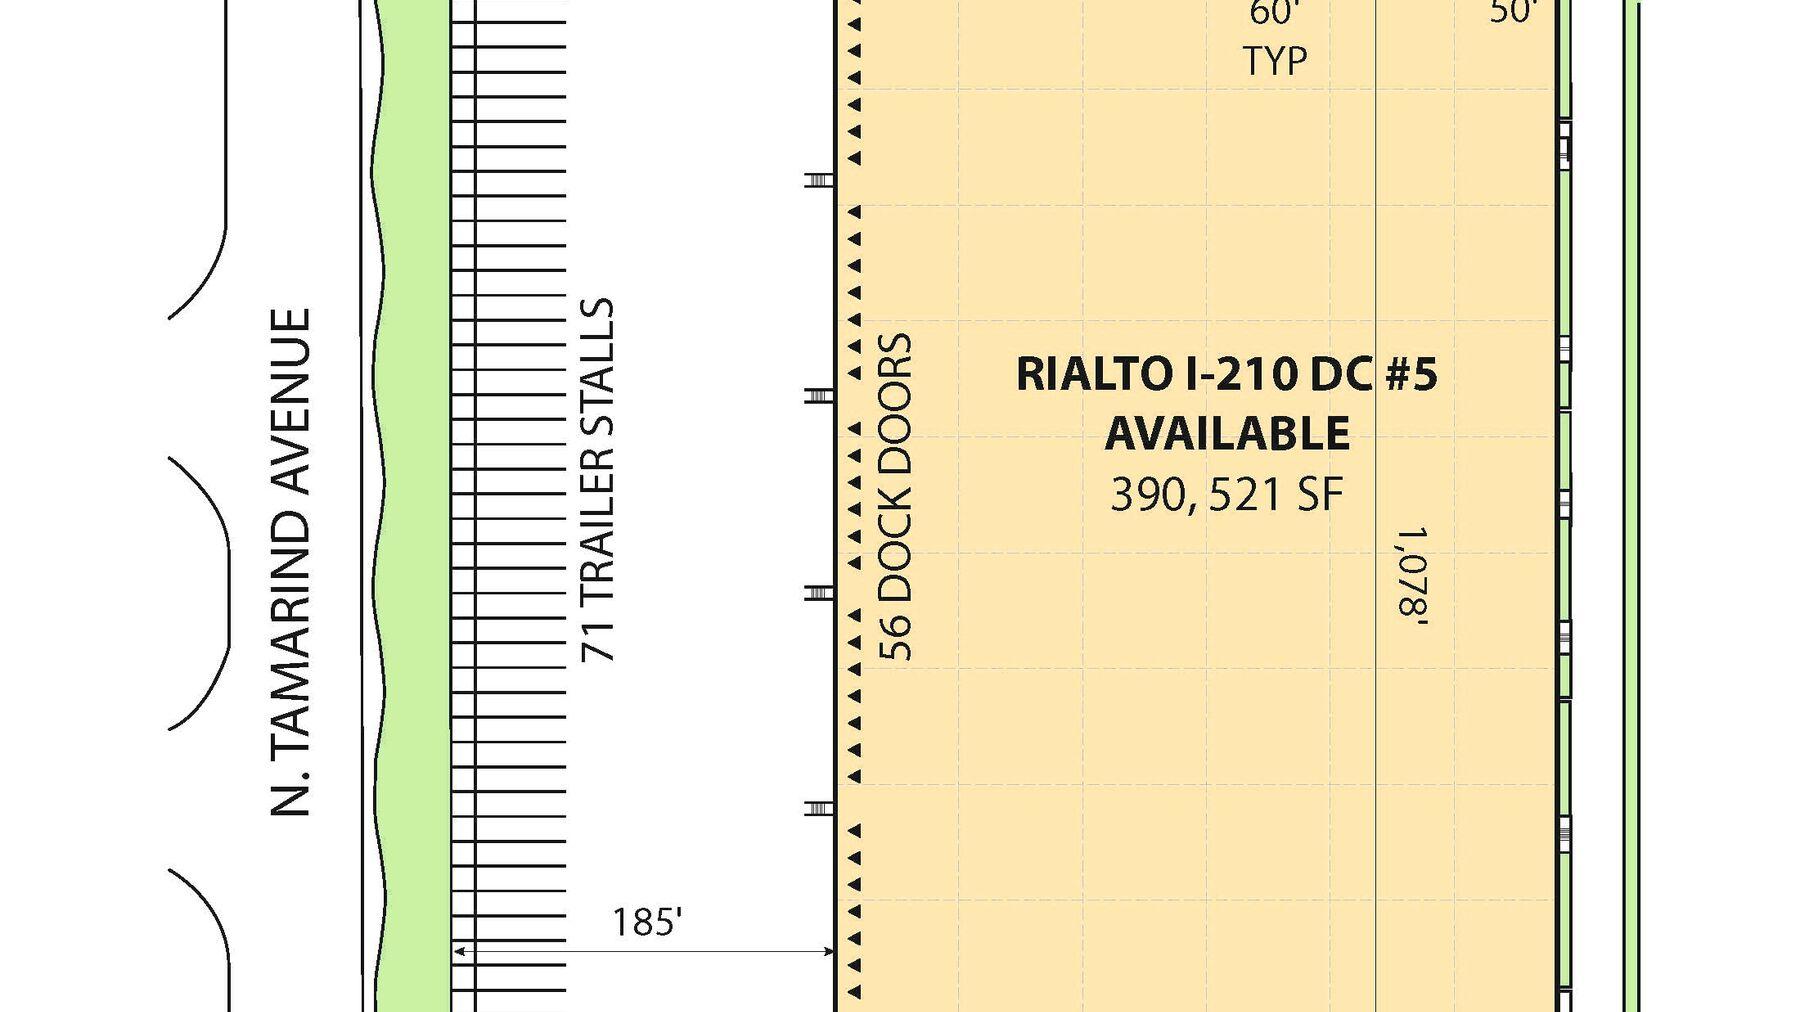 DPM-Rialto-I-210-DC-5-6.jpg